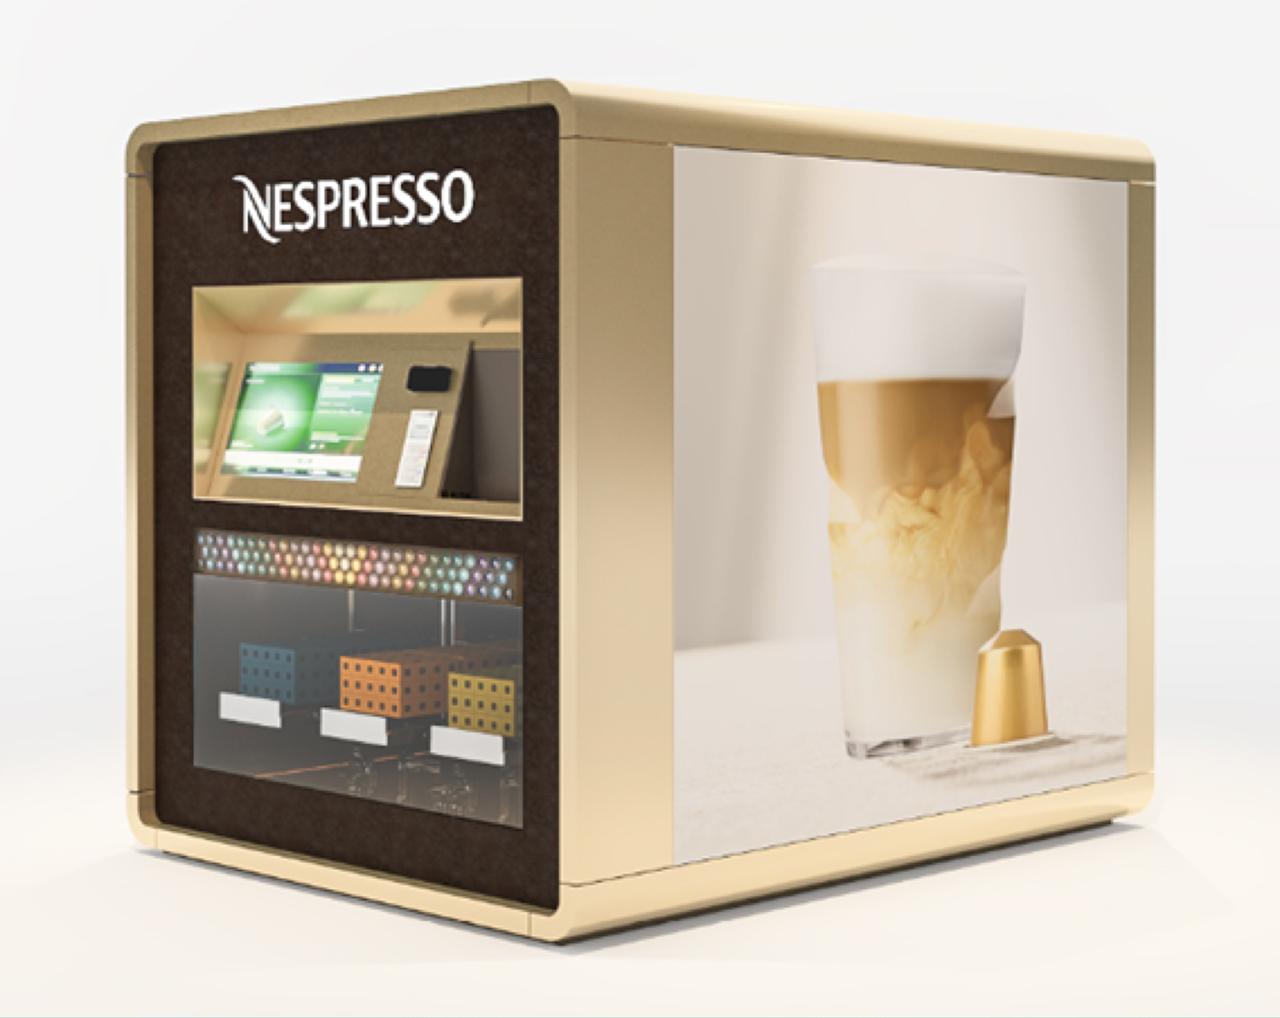 nespresso_1